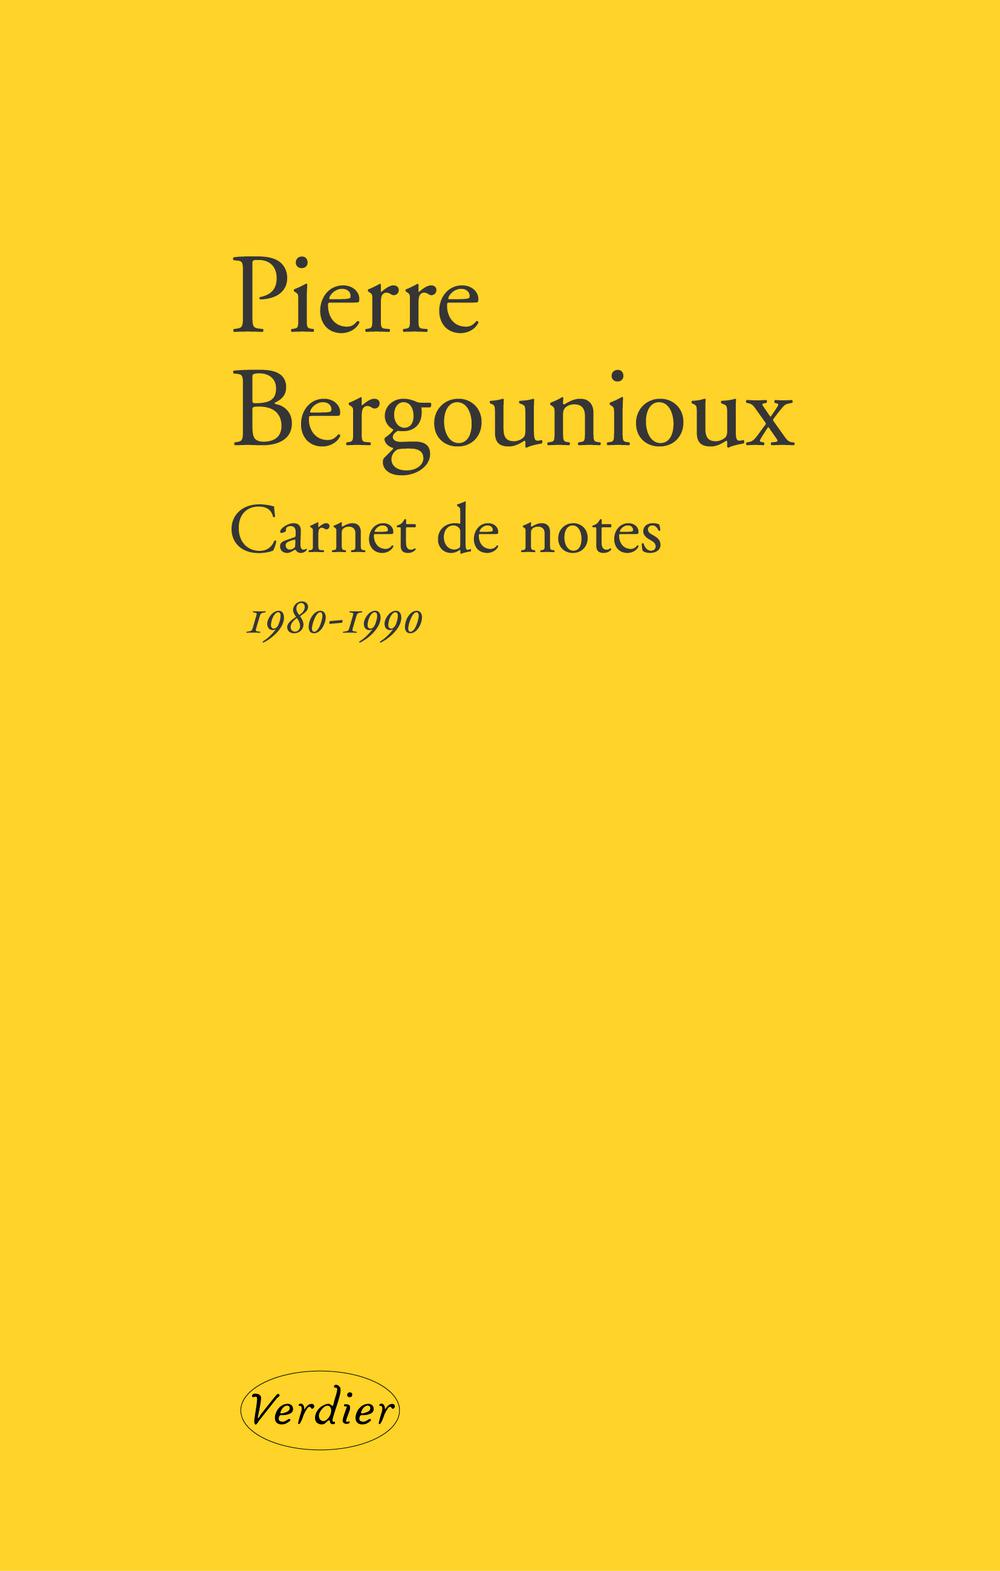 Carnet de notes 1980 - 1990